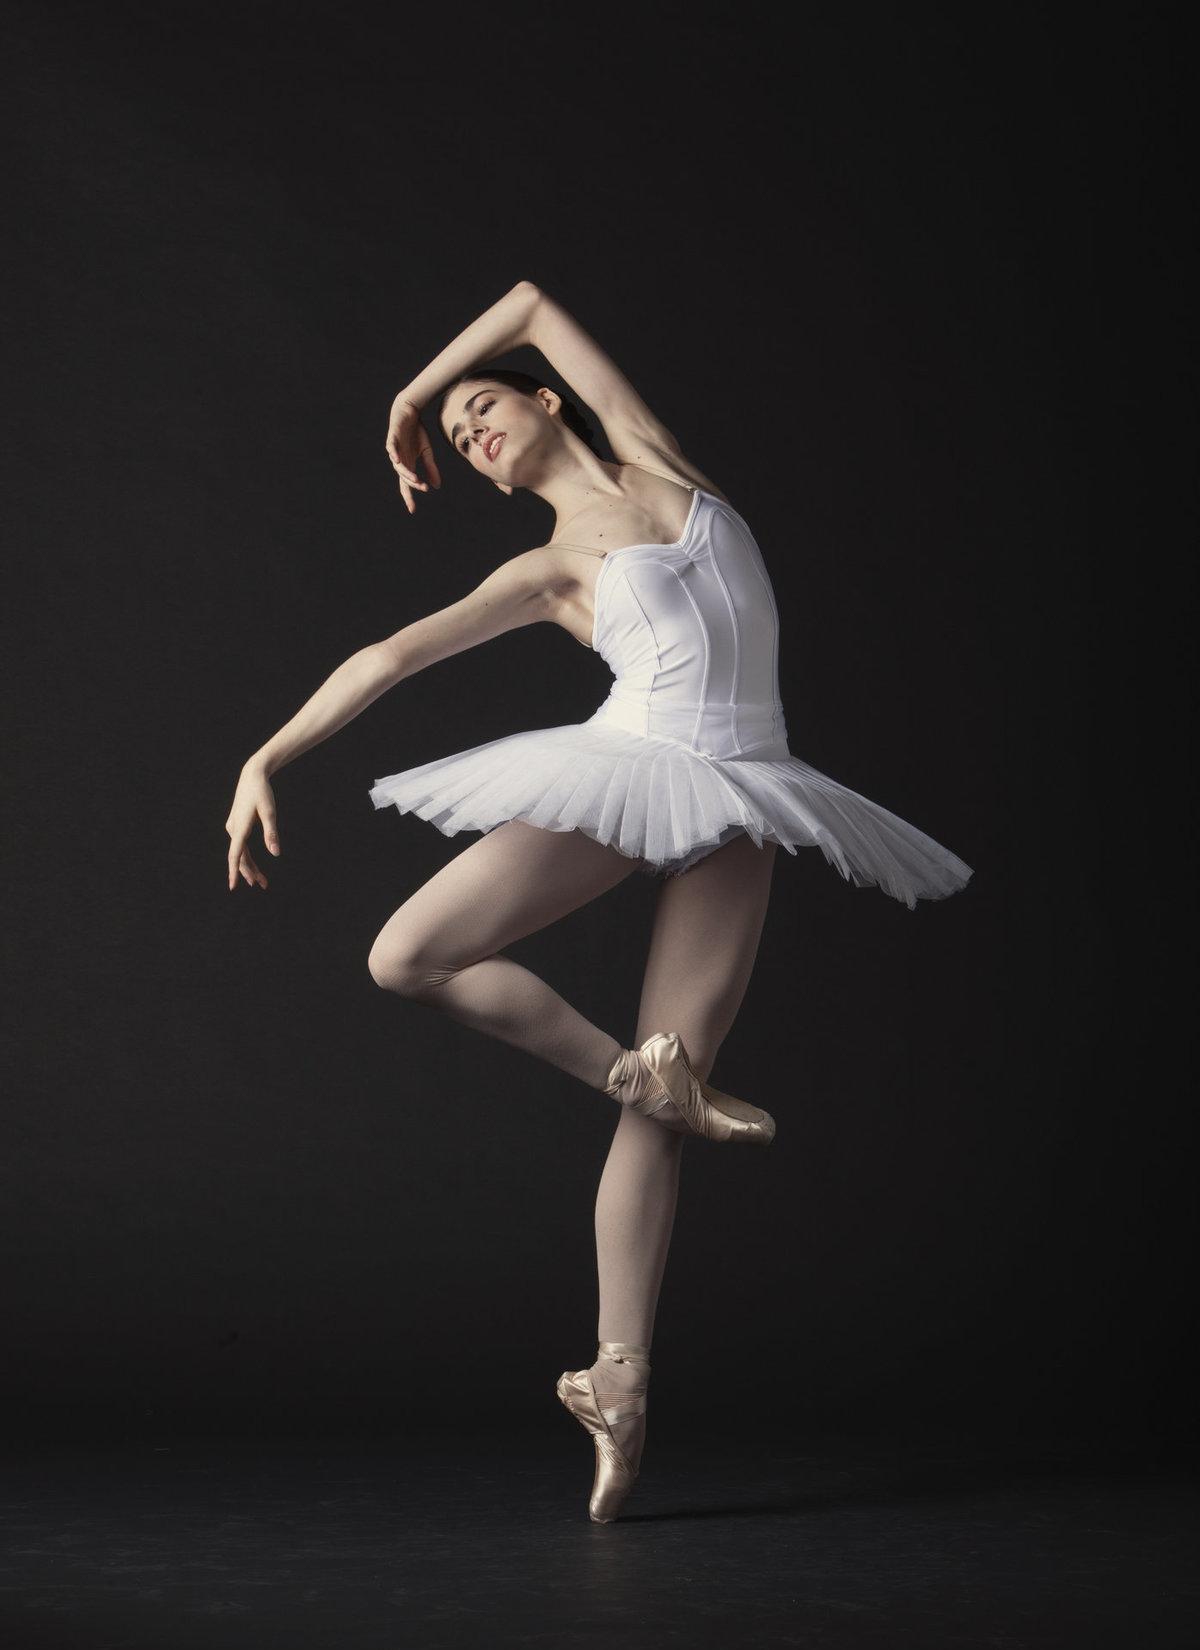 фото балерин в высоком качестве ночи девы таким